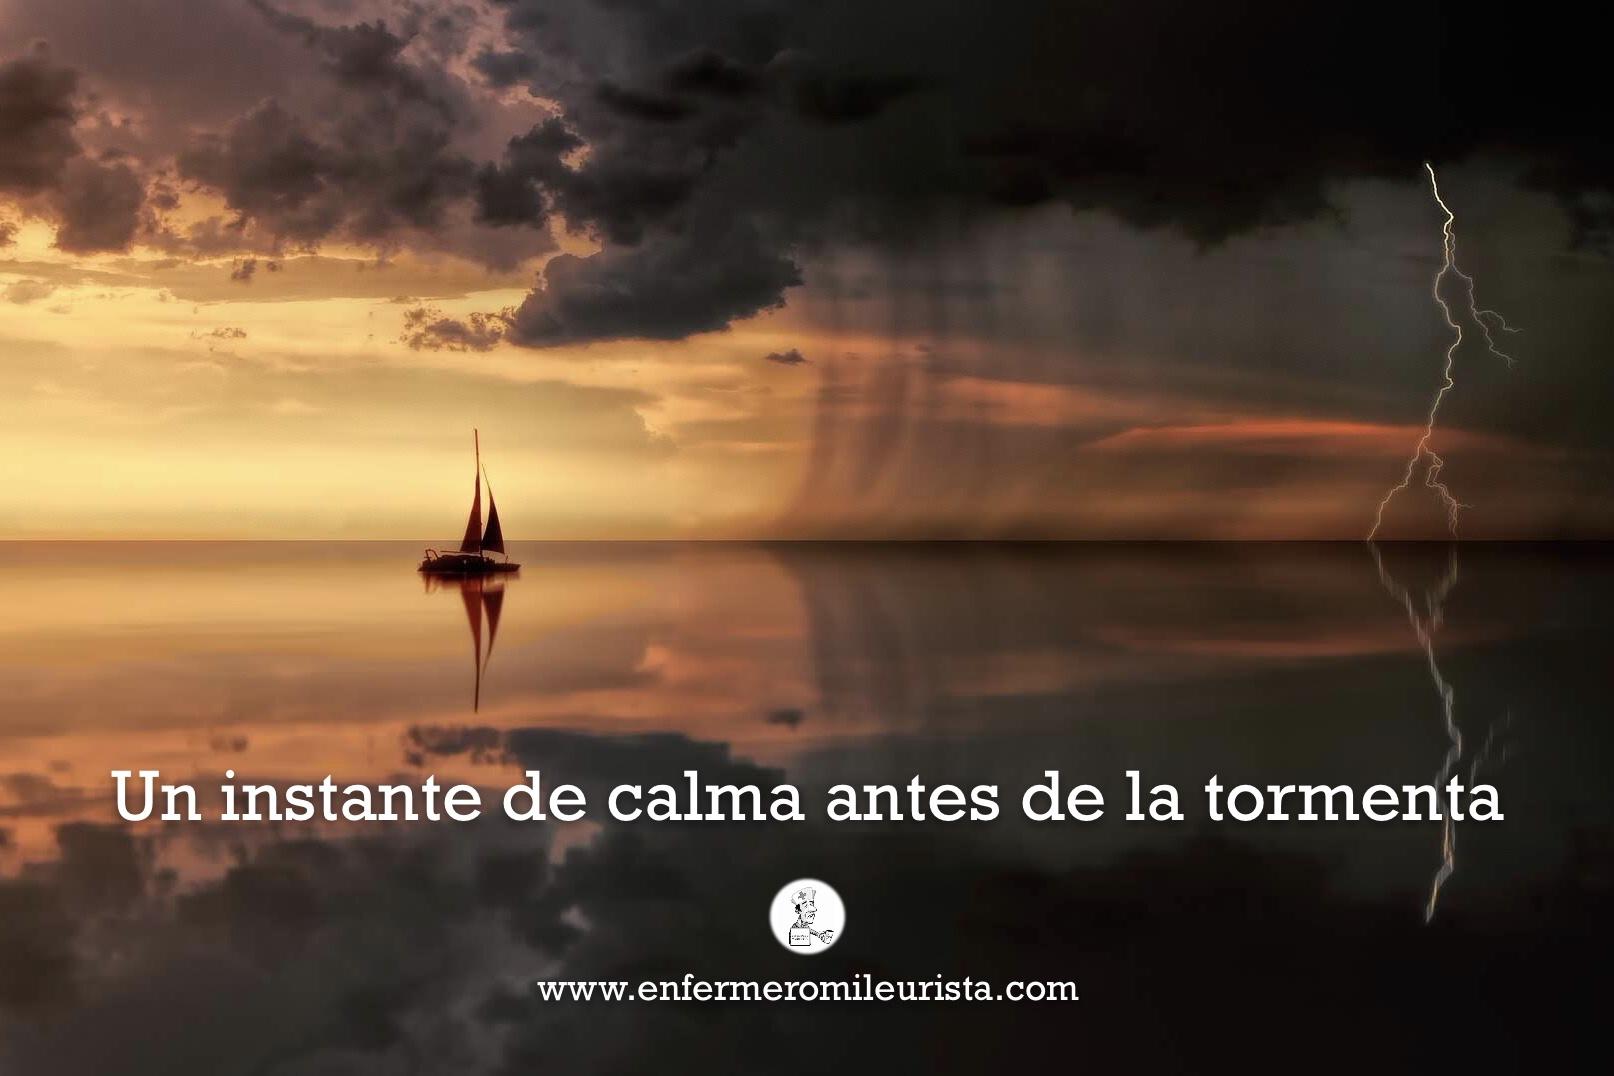 Calma antes de la tormenta